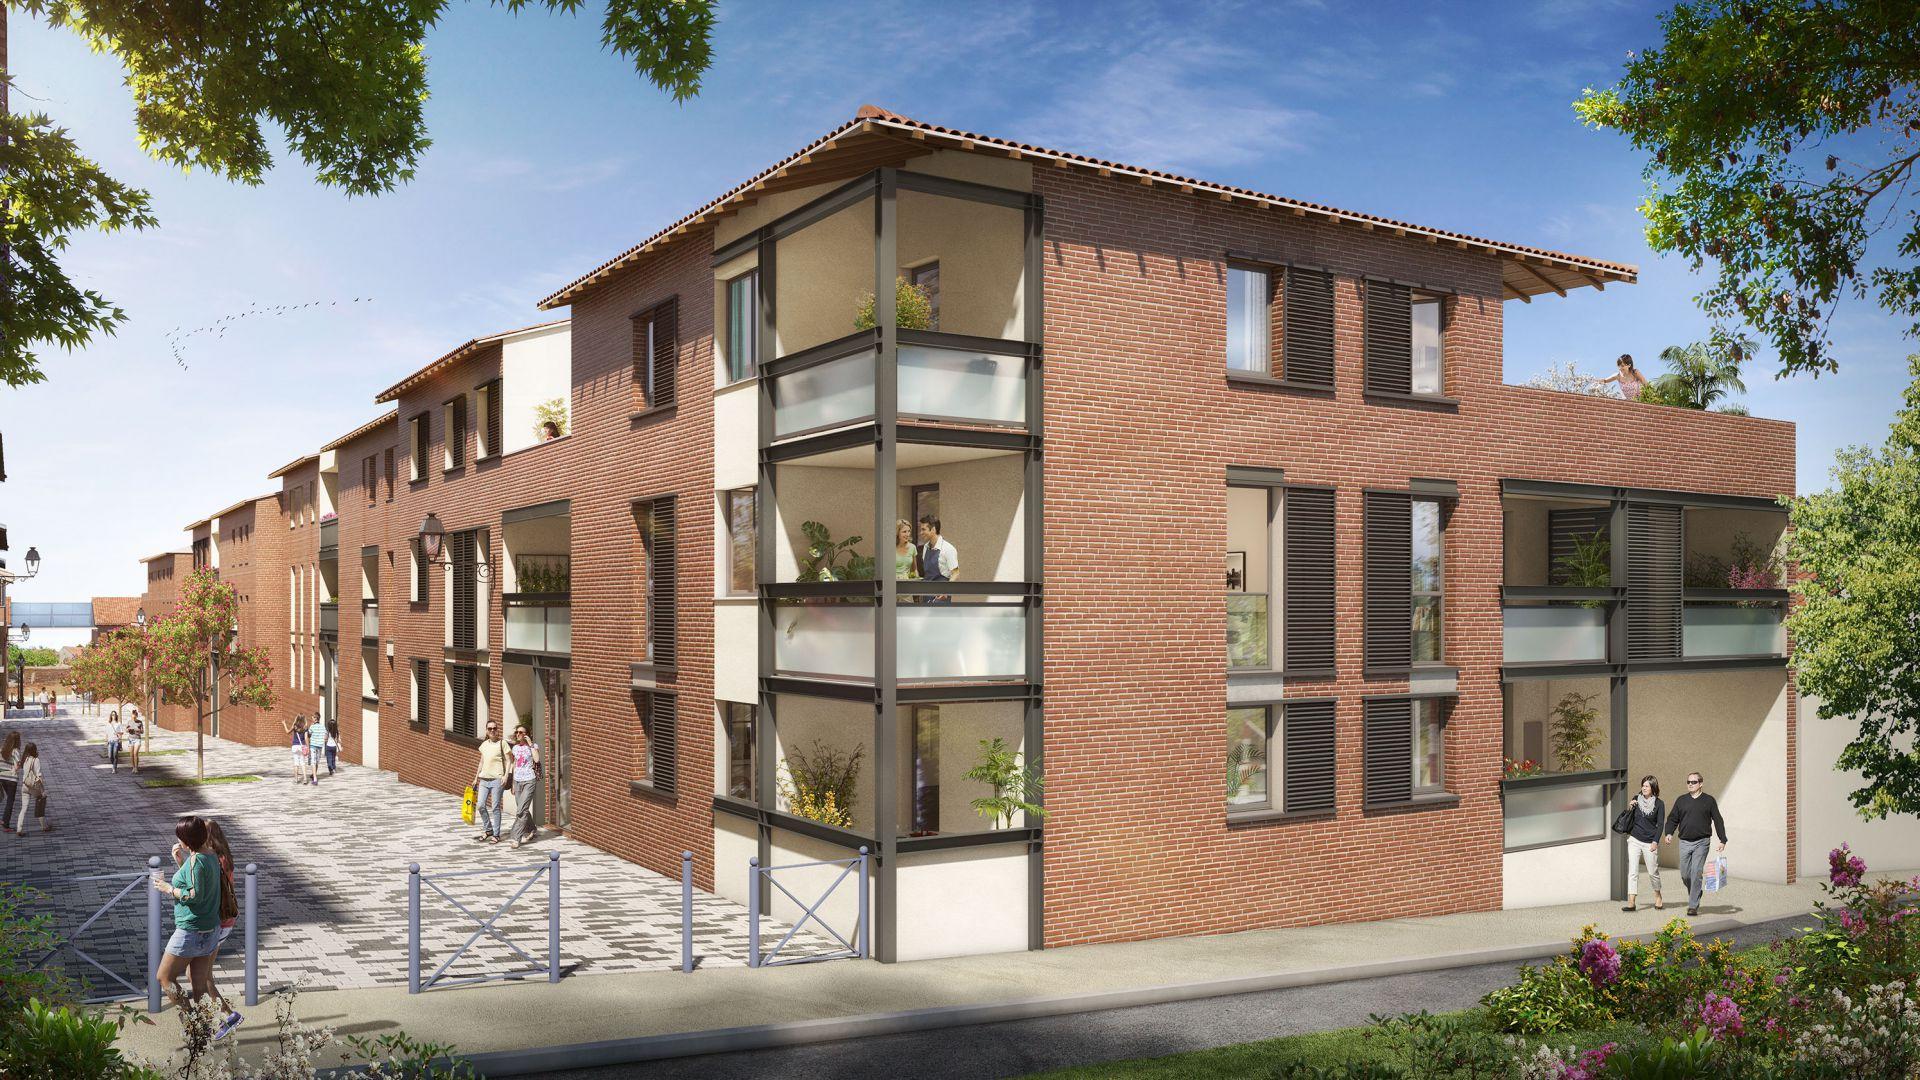 GreenCity immobilier - L-A-CAPPELLA -Castanet Tolosan centre ville - 31320 - vue extérieure